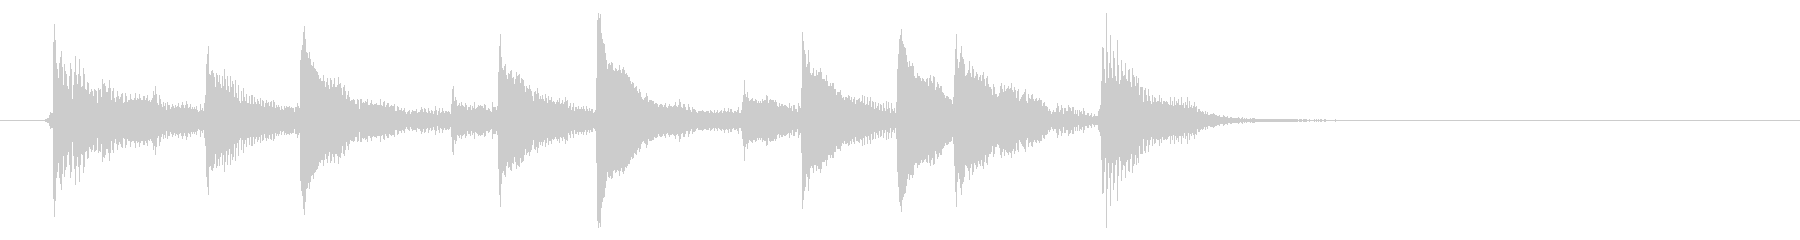 【生演奏】バンジョーのハワイアンジングルの未再生の波形